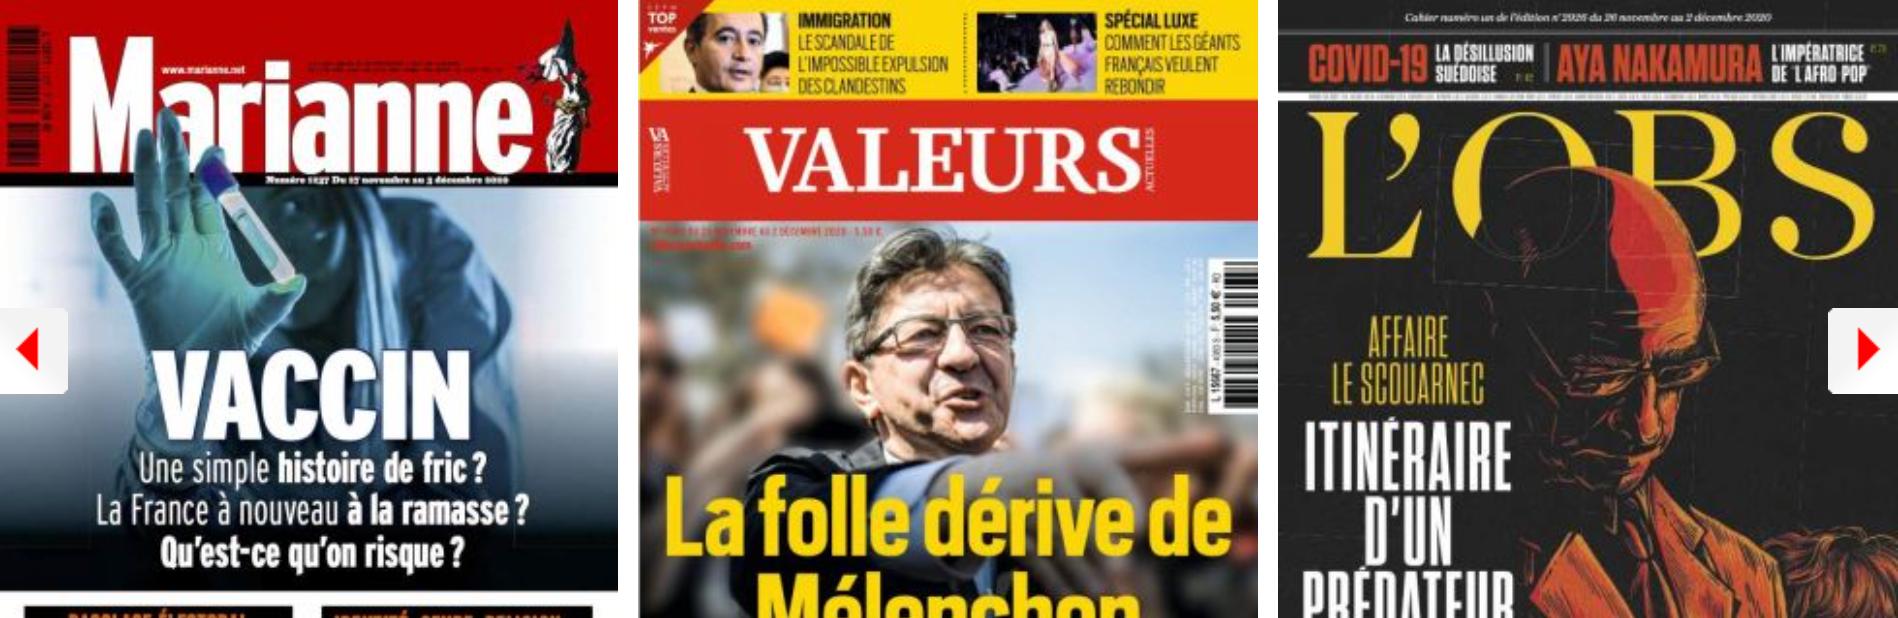 L'actualité grise Macron dans «sa vision romanesque de la vie»; Le PS clarifie sa ligne sur la laïcité, EELV s'embrouille sur la sienne; Hidalgo s'inquiète de l'impact du gauchisme des Verts (sur son image); Mélenchon peu présidentiable aux yeux des Fra